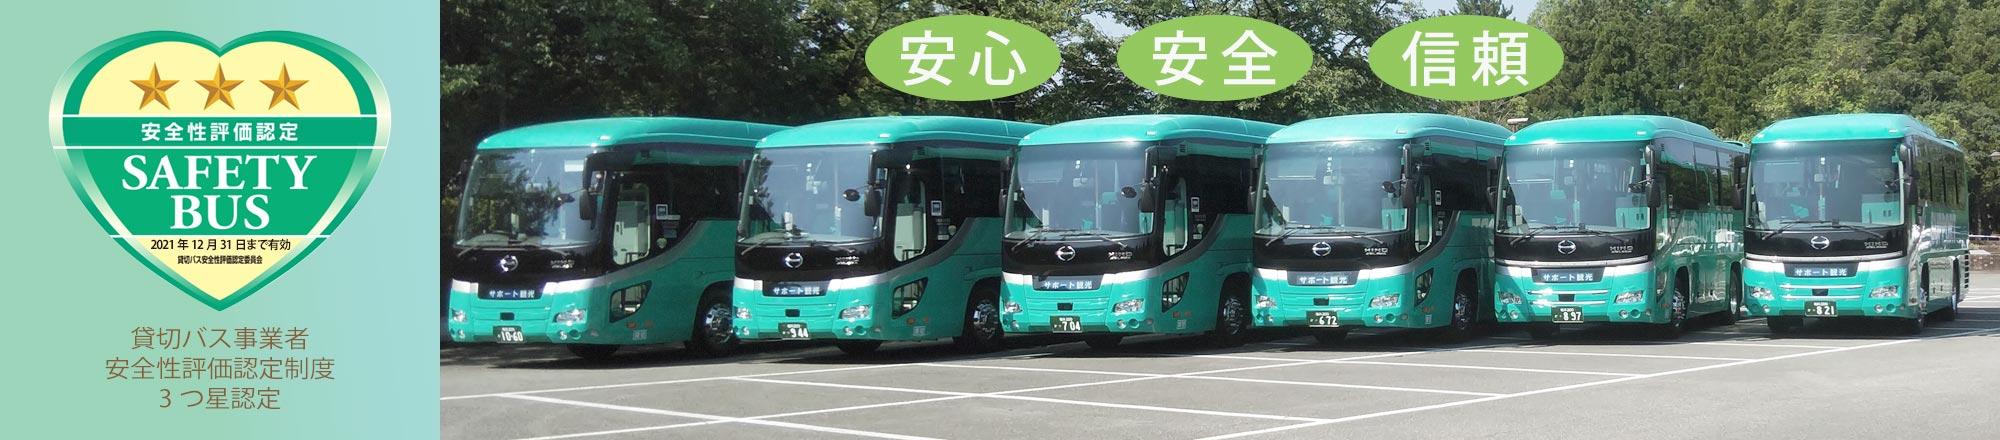 サポート観光は安全性評価三つ星の貸切バス事業者